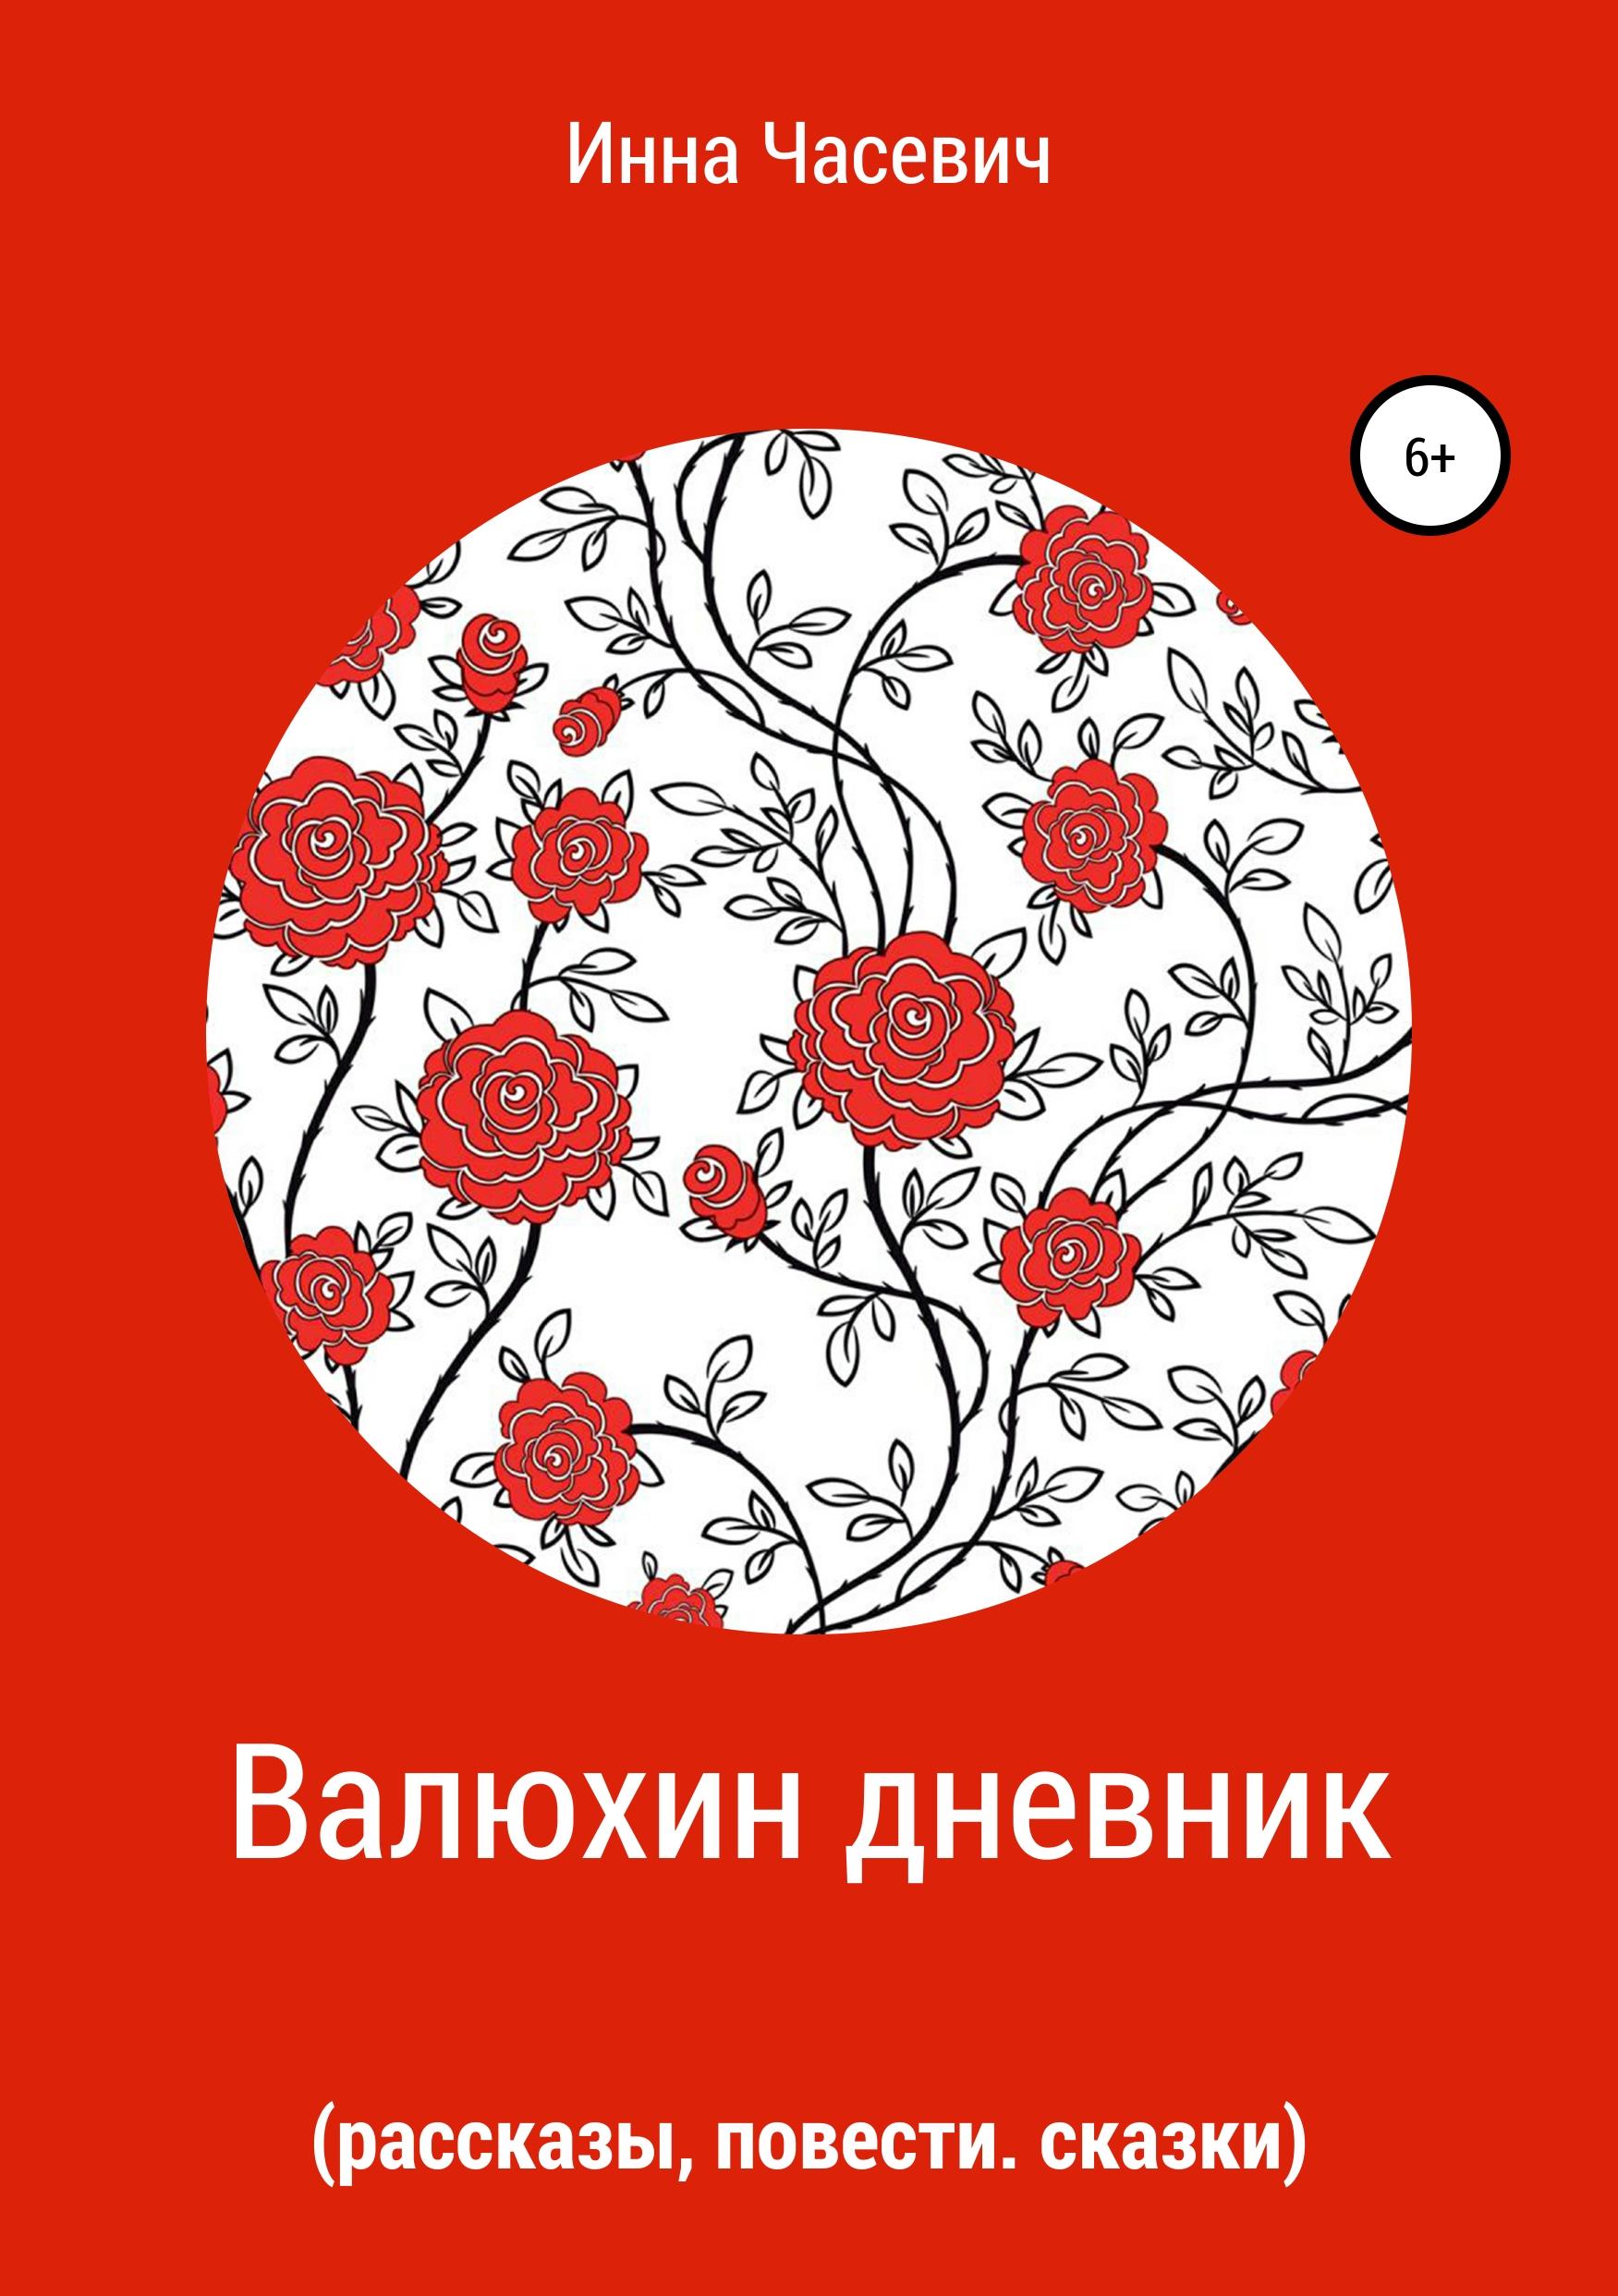 Валюхин дневник (рассказы, сказки, повести)